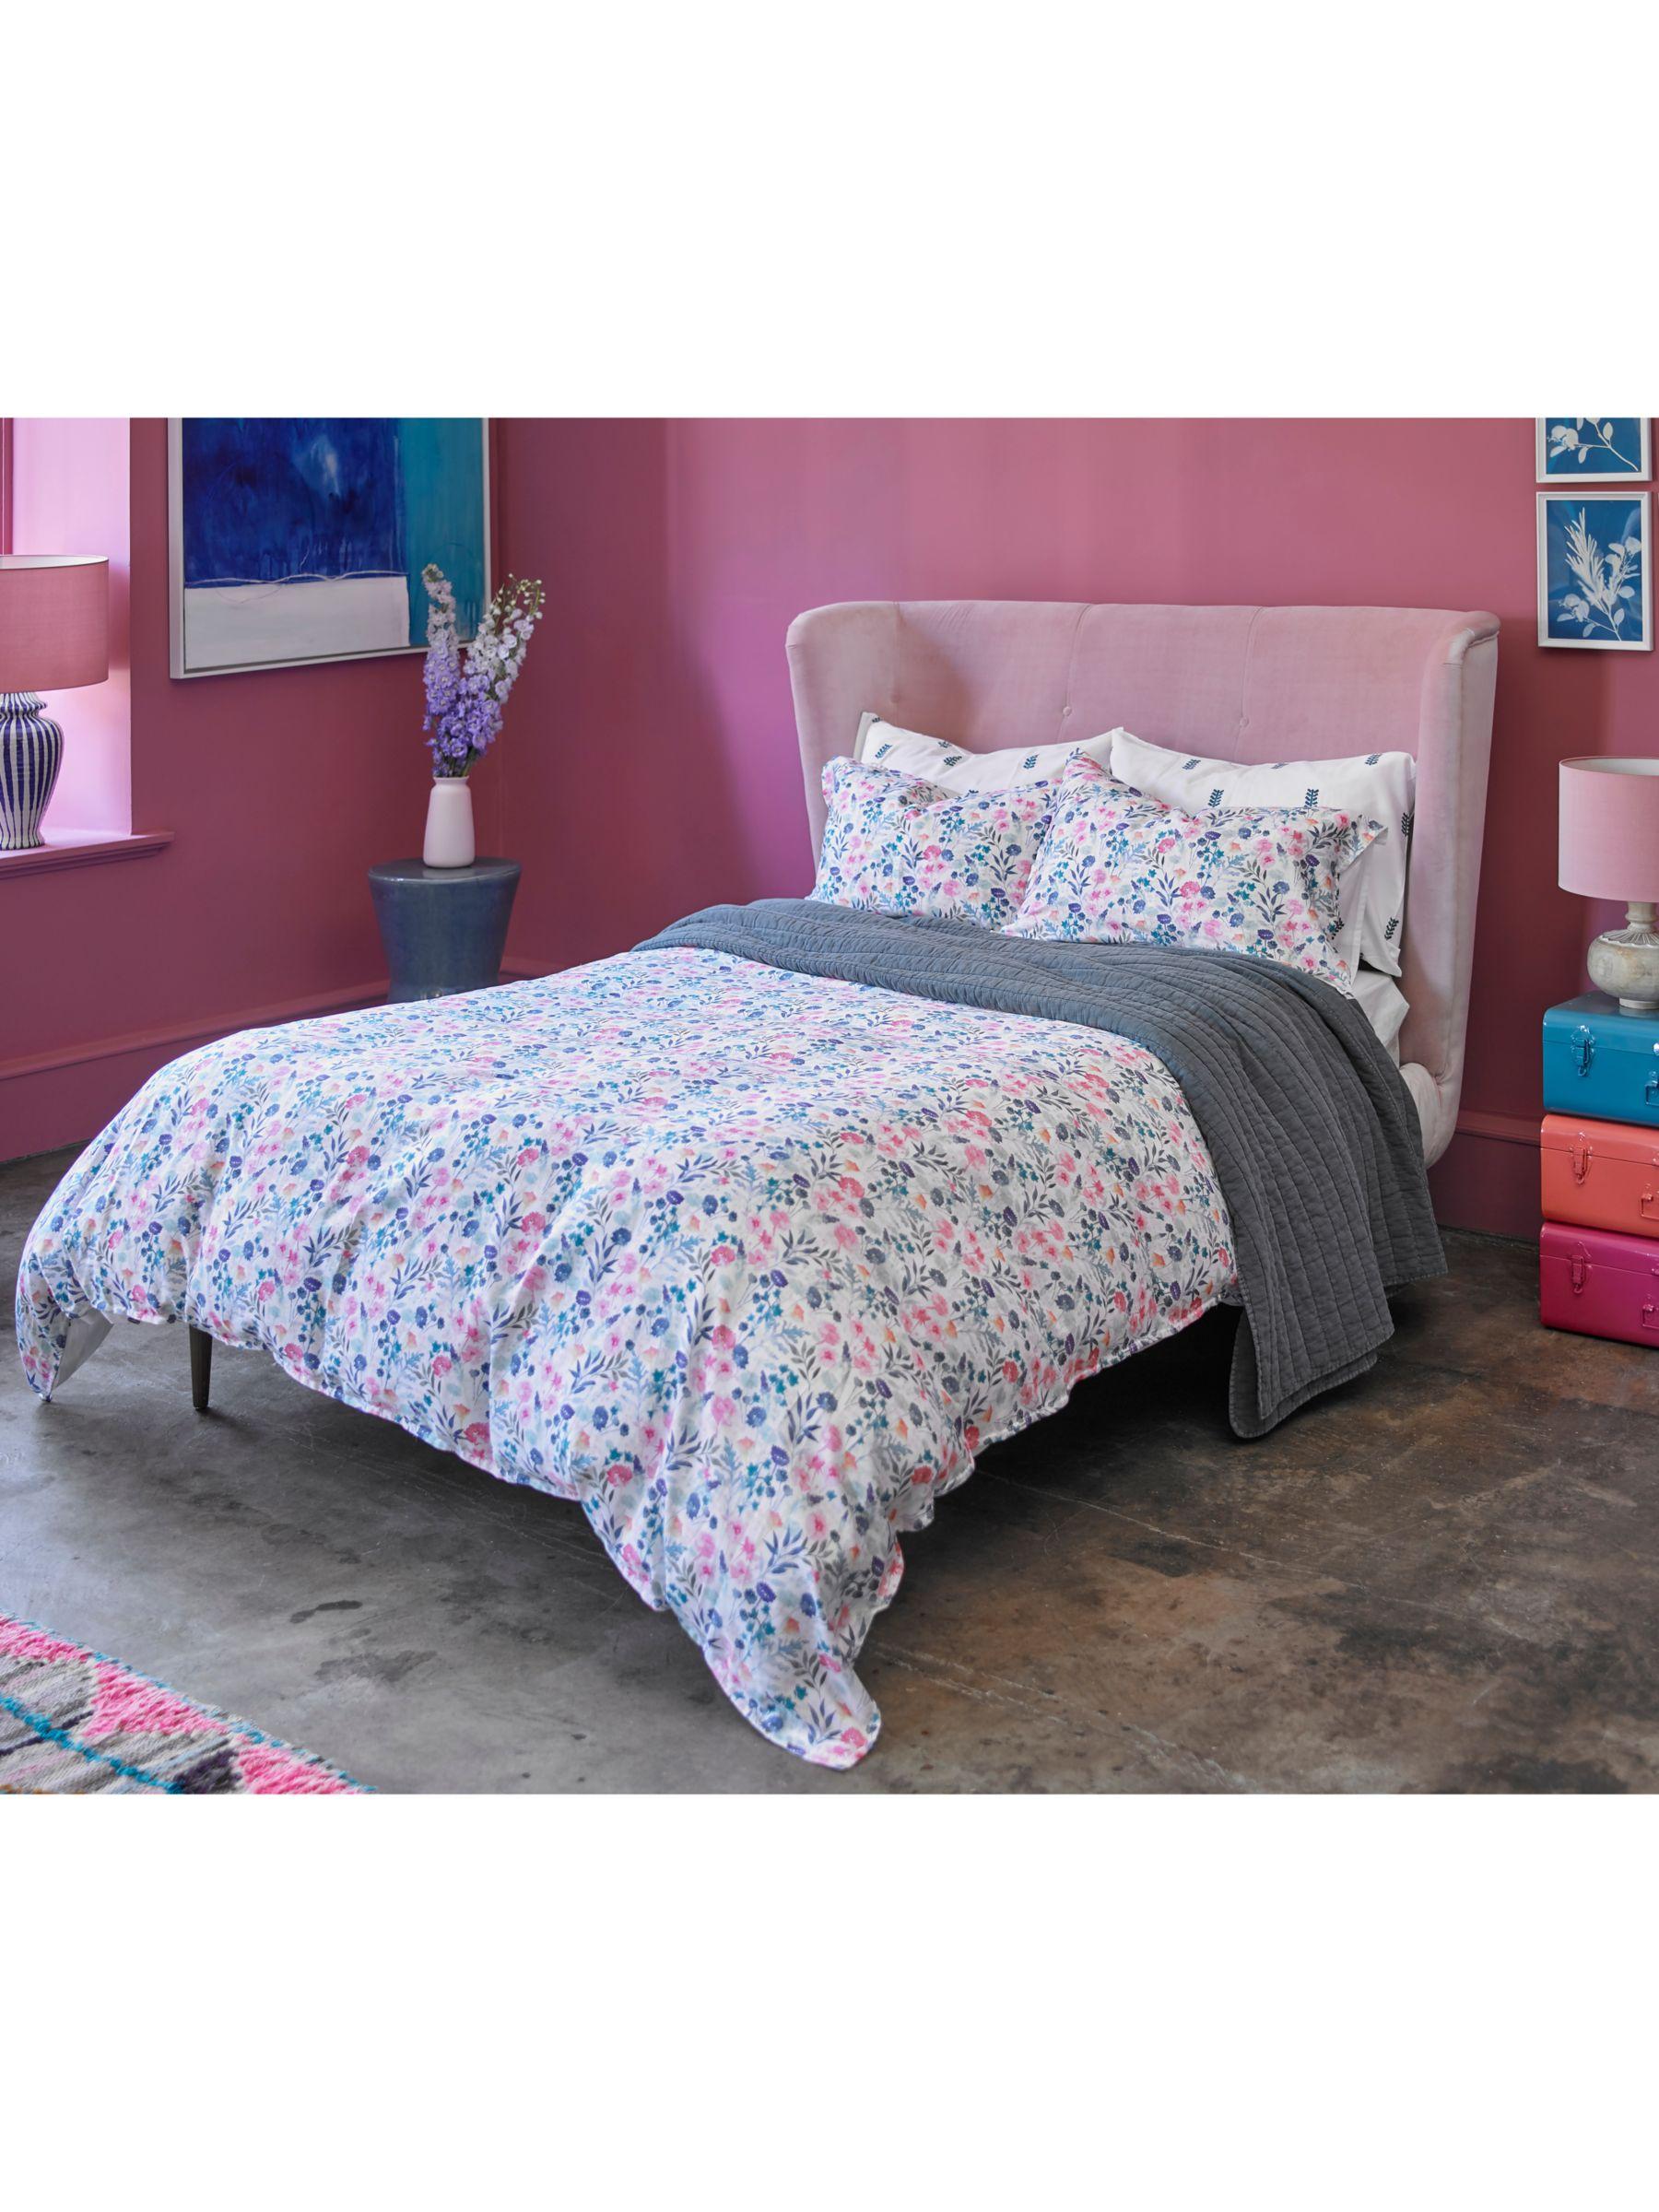 bluebellgray bluebellgray Wee Peggy Duvet Cover Set